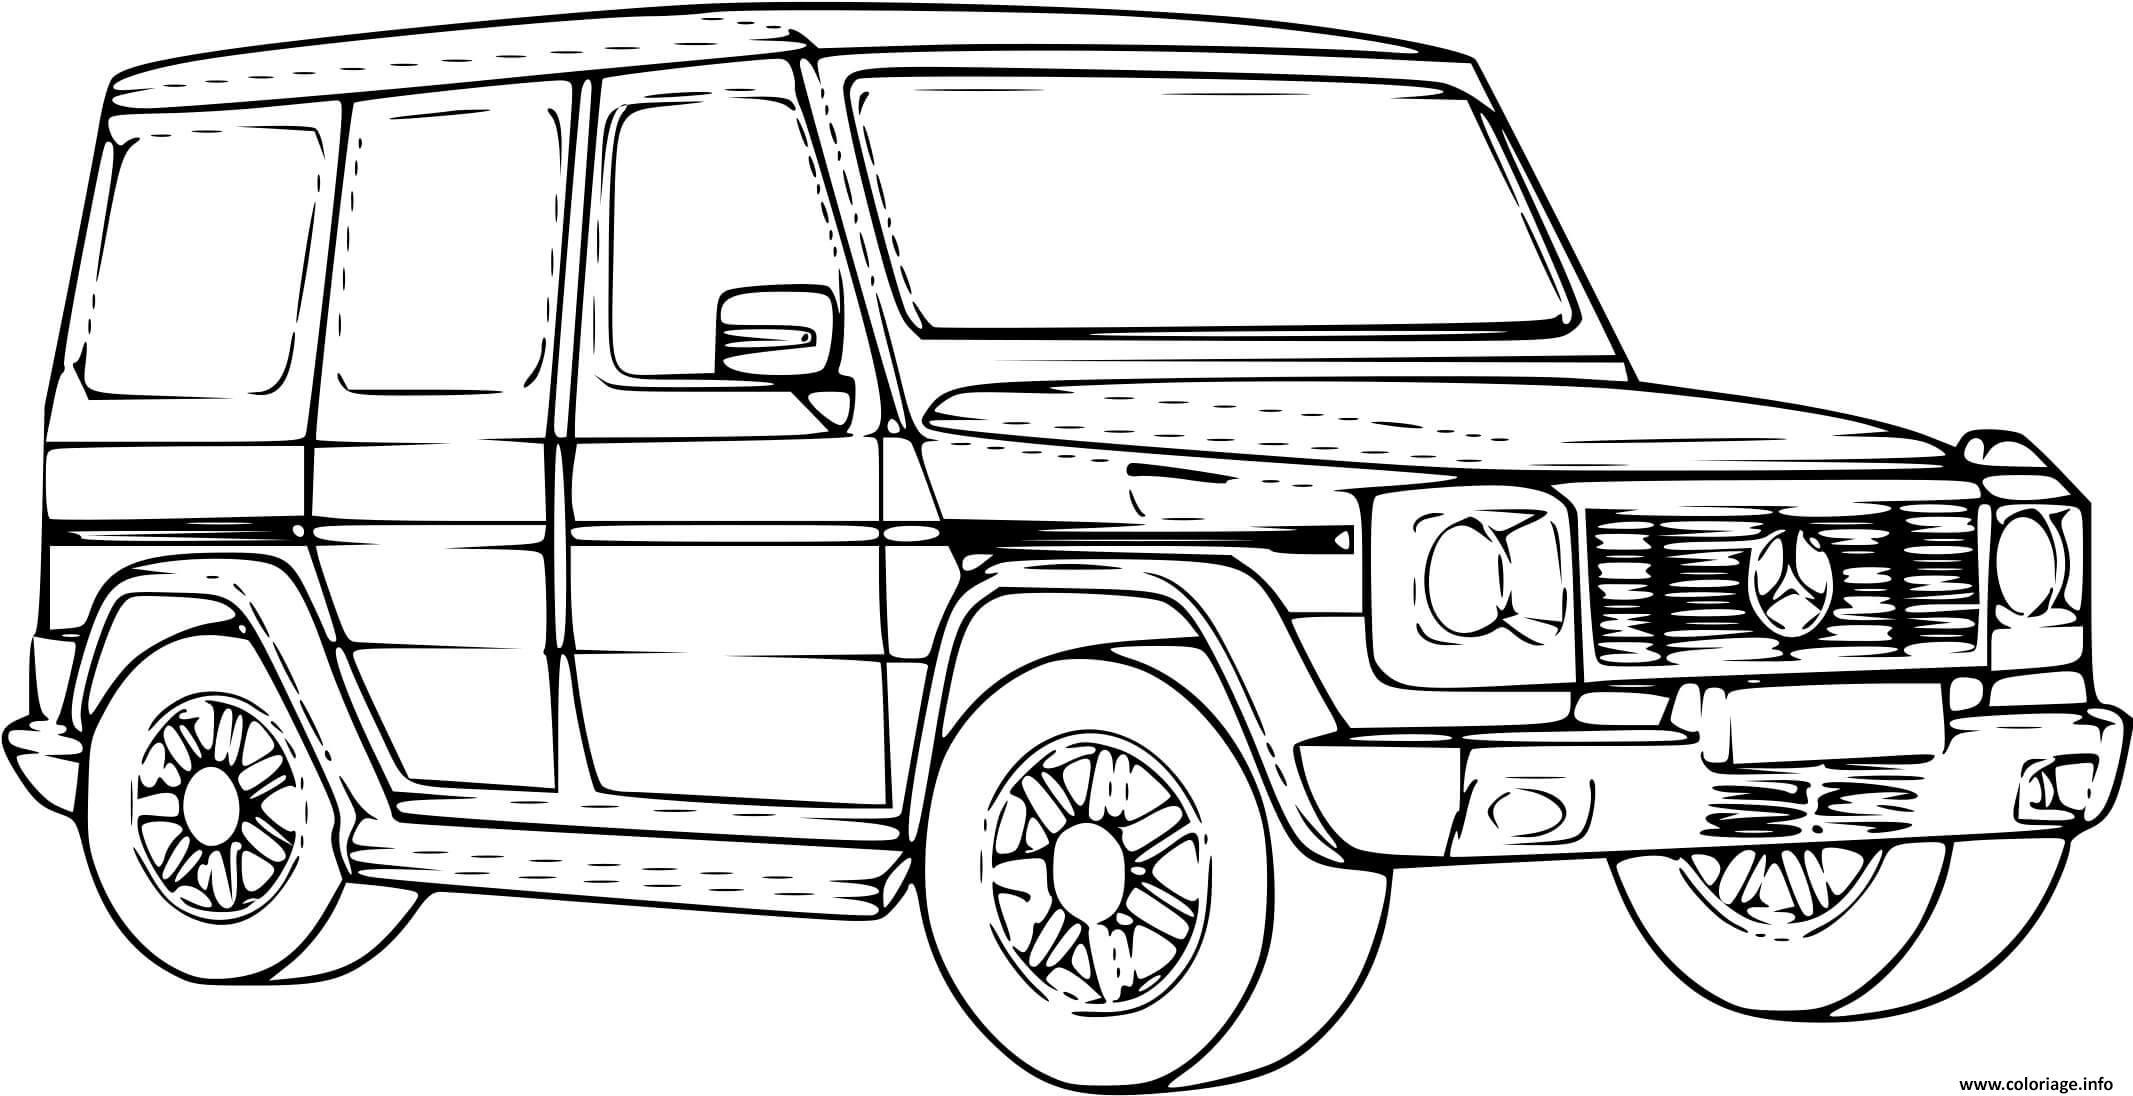 Coloriage Voiture 4x4 Mercedes Dessin 4x4 à imprimer